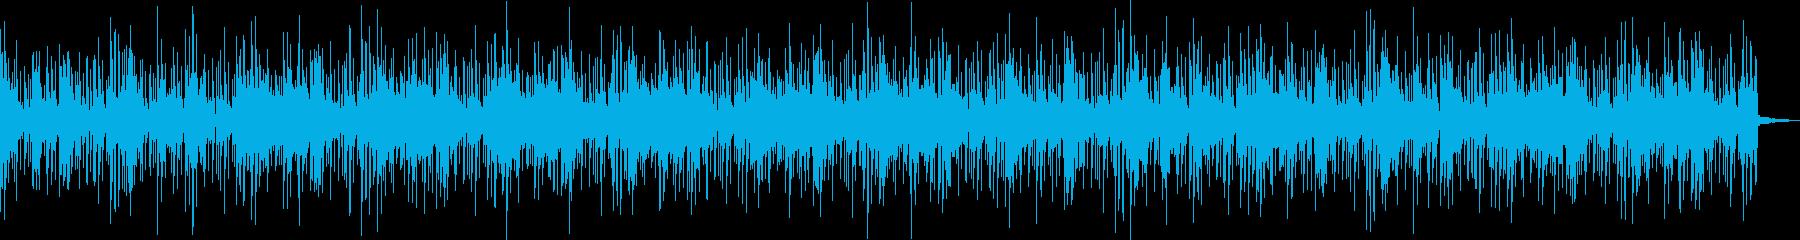 モダンなシーンに合う楽曲 エレクトロ系の再生済みの波形